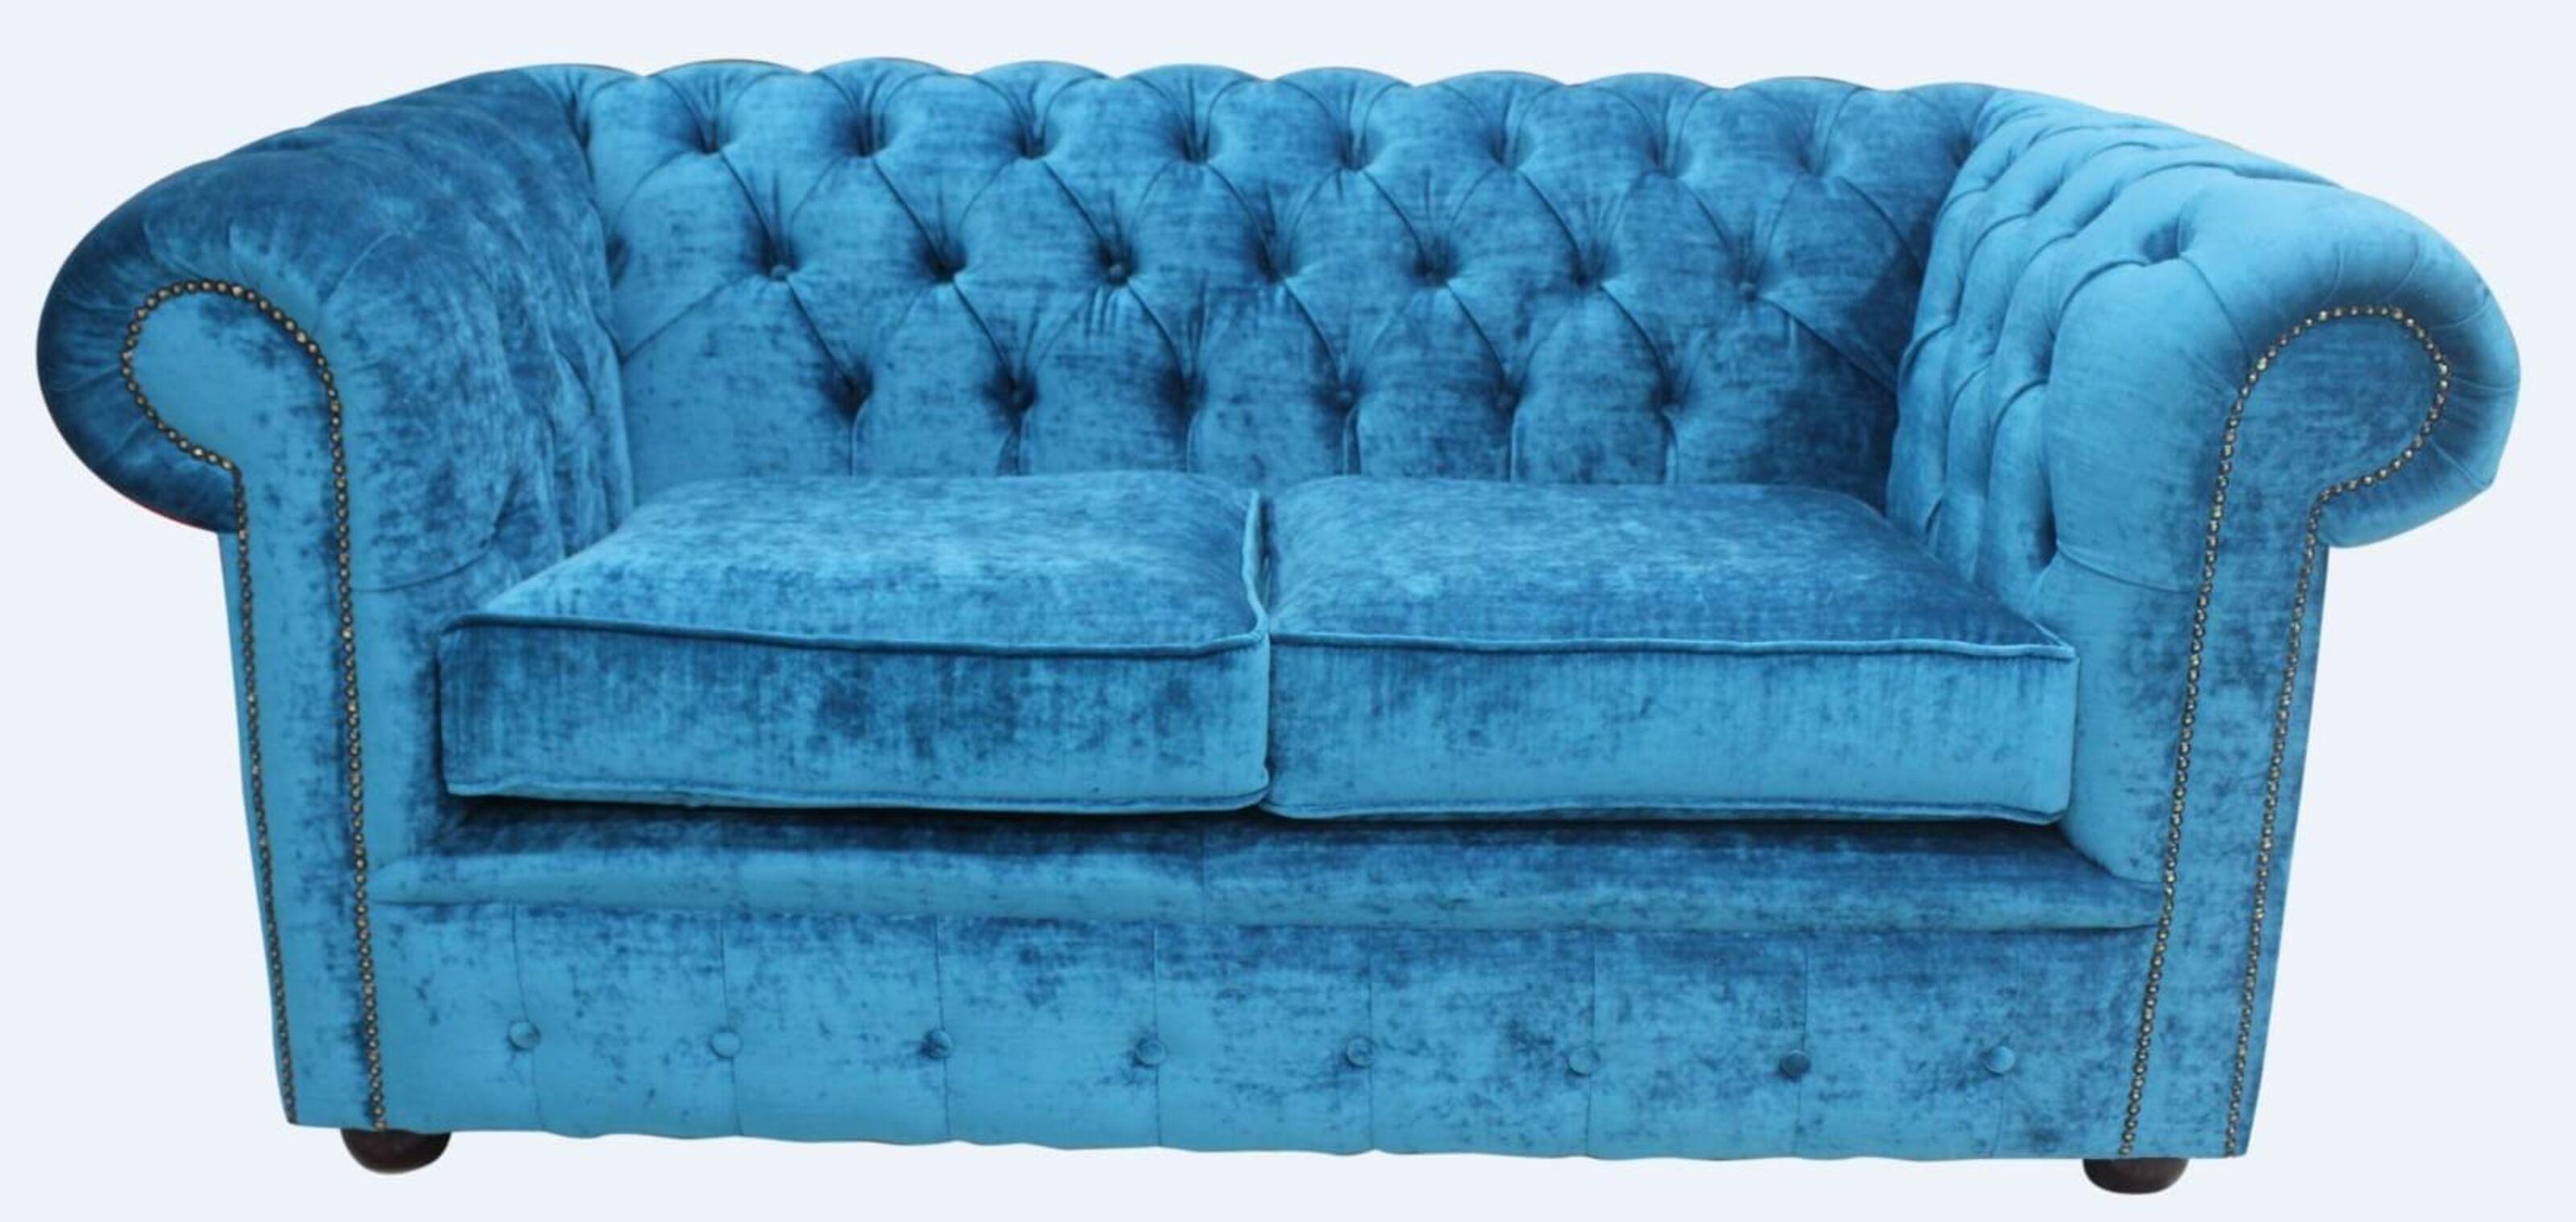 2b3b17996d06 Chesterfield 2 Seater Settee Pastiche Teal Velvet Sofa Offer